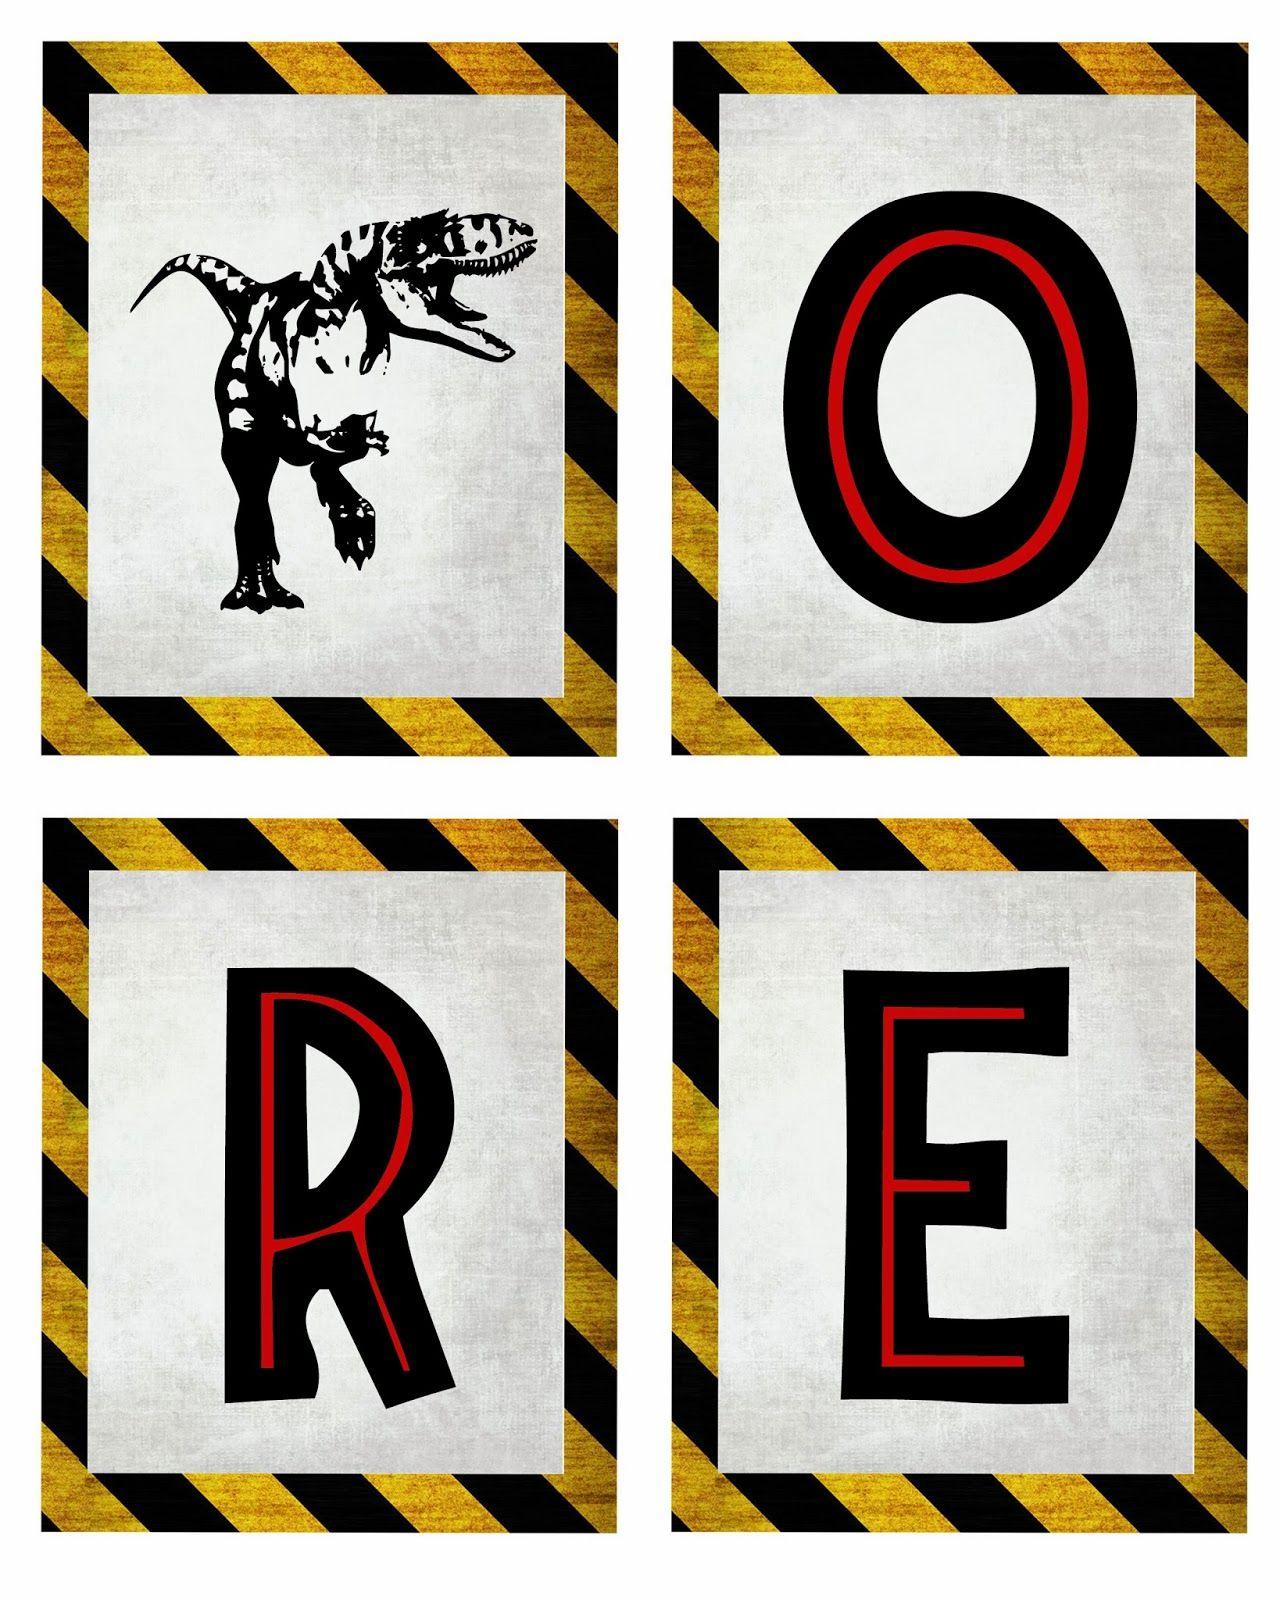 Bringing Home Ezra: Free dinosaur (Jurrasic Park) party printables ...